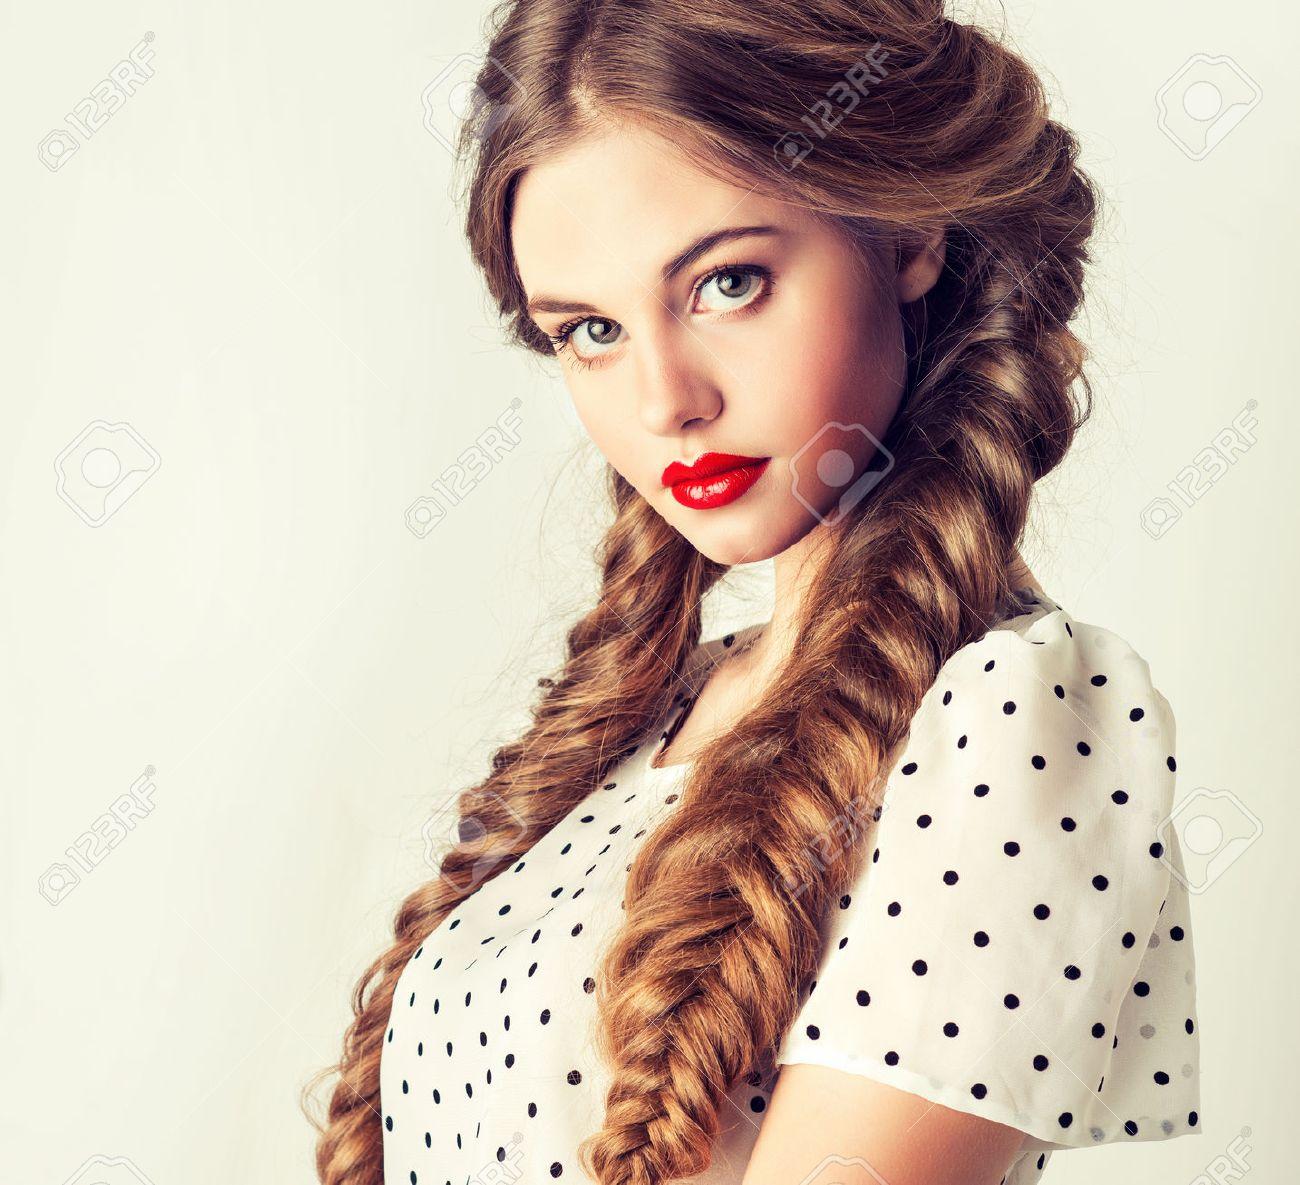 девушка вьющимися волосами с двумя парнями ретро